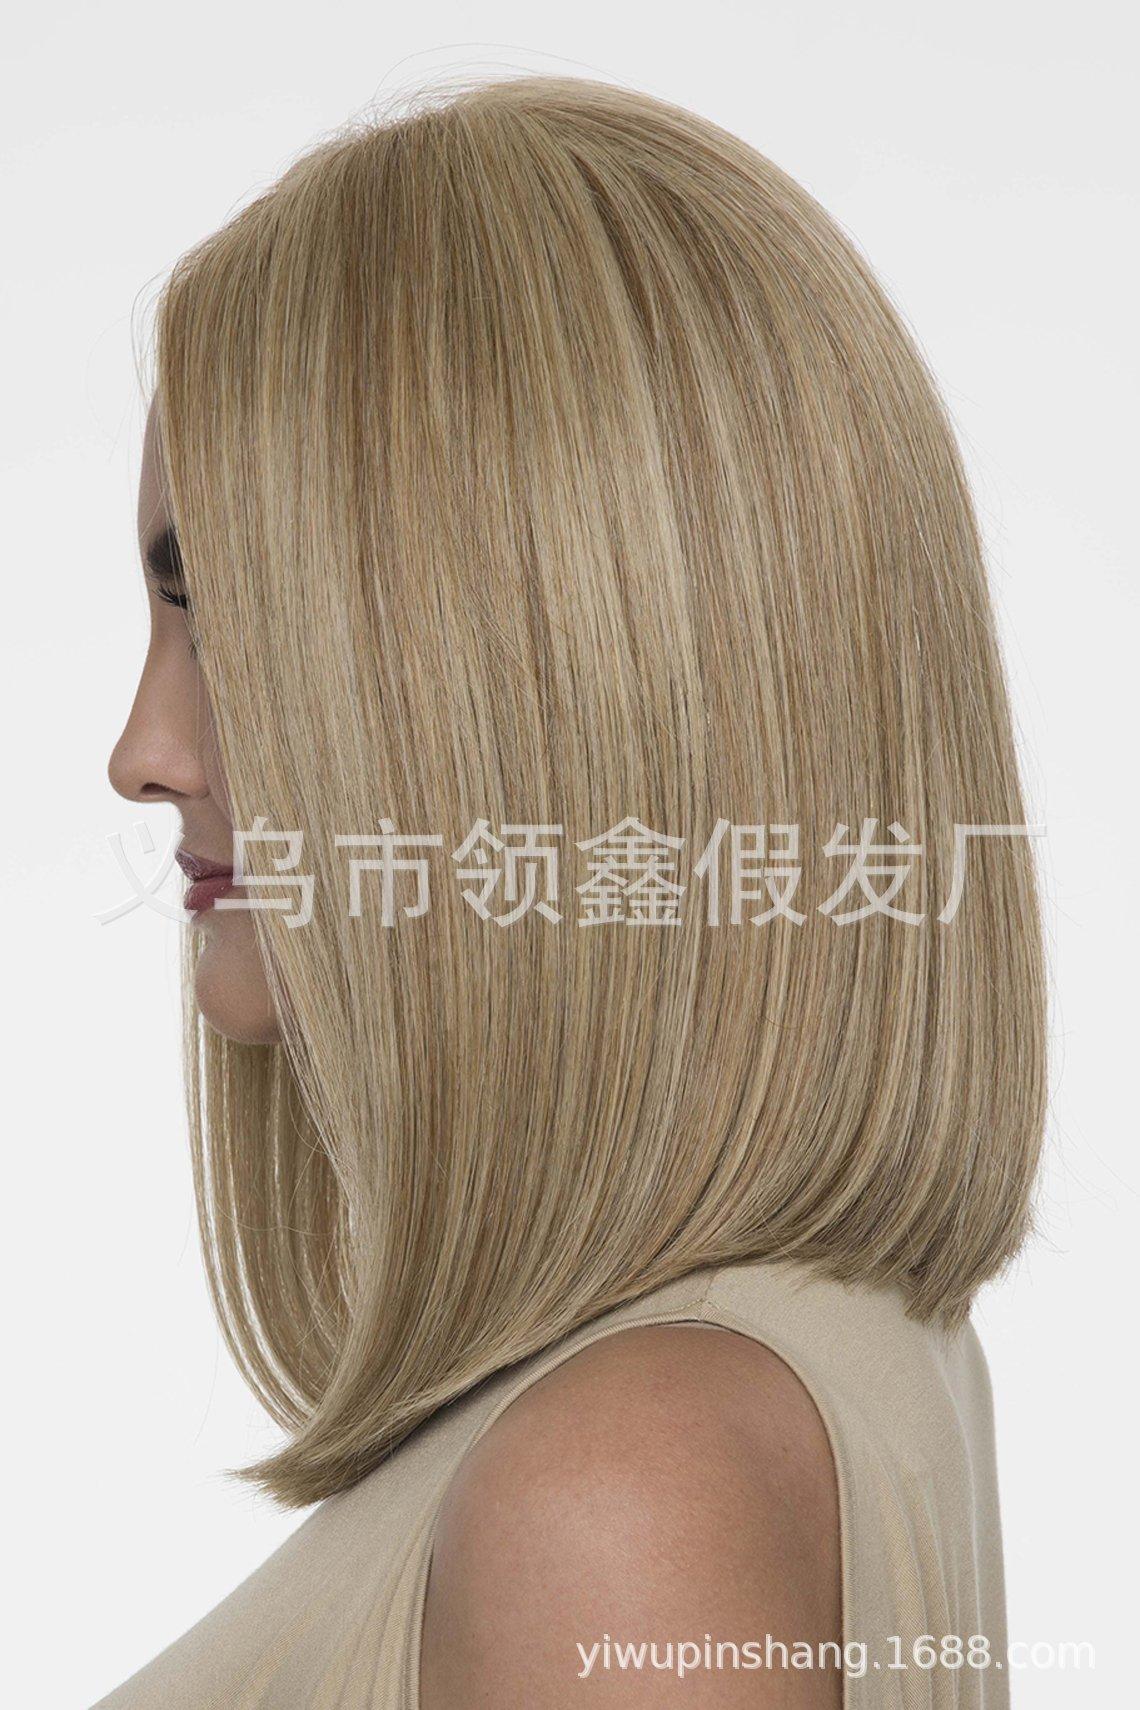 Neue populäre europäische amerikanische Perücke Lady Gradient langes lockiges Haar Rose Net Perücke Fabrik Spot-Großhandel